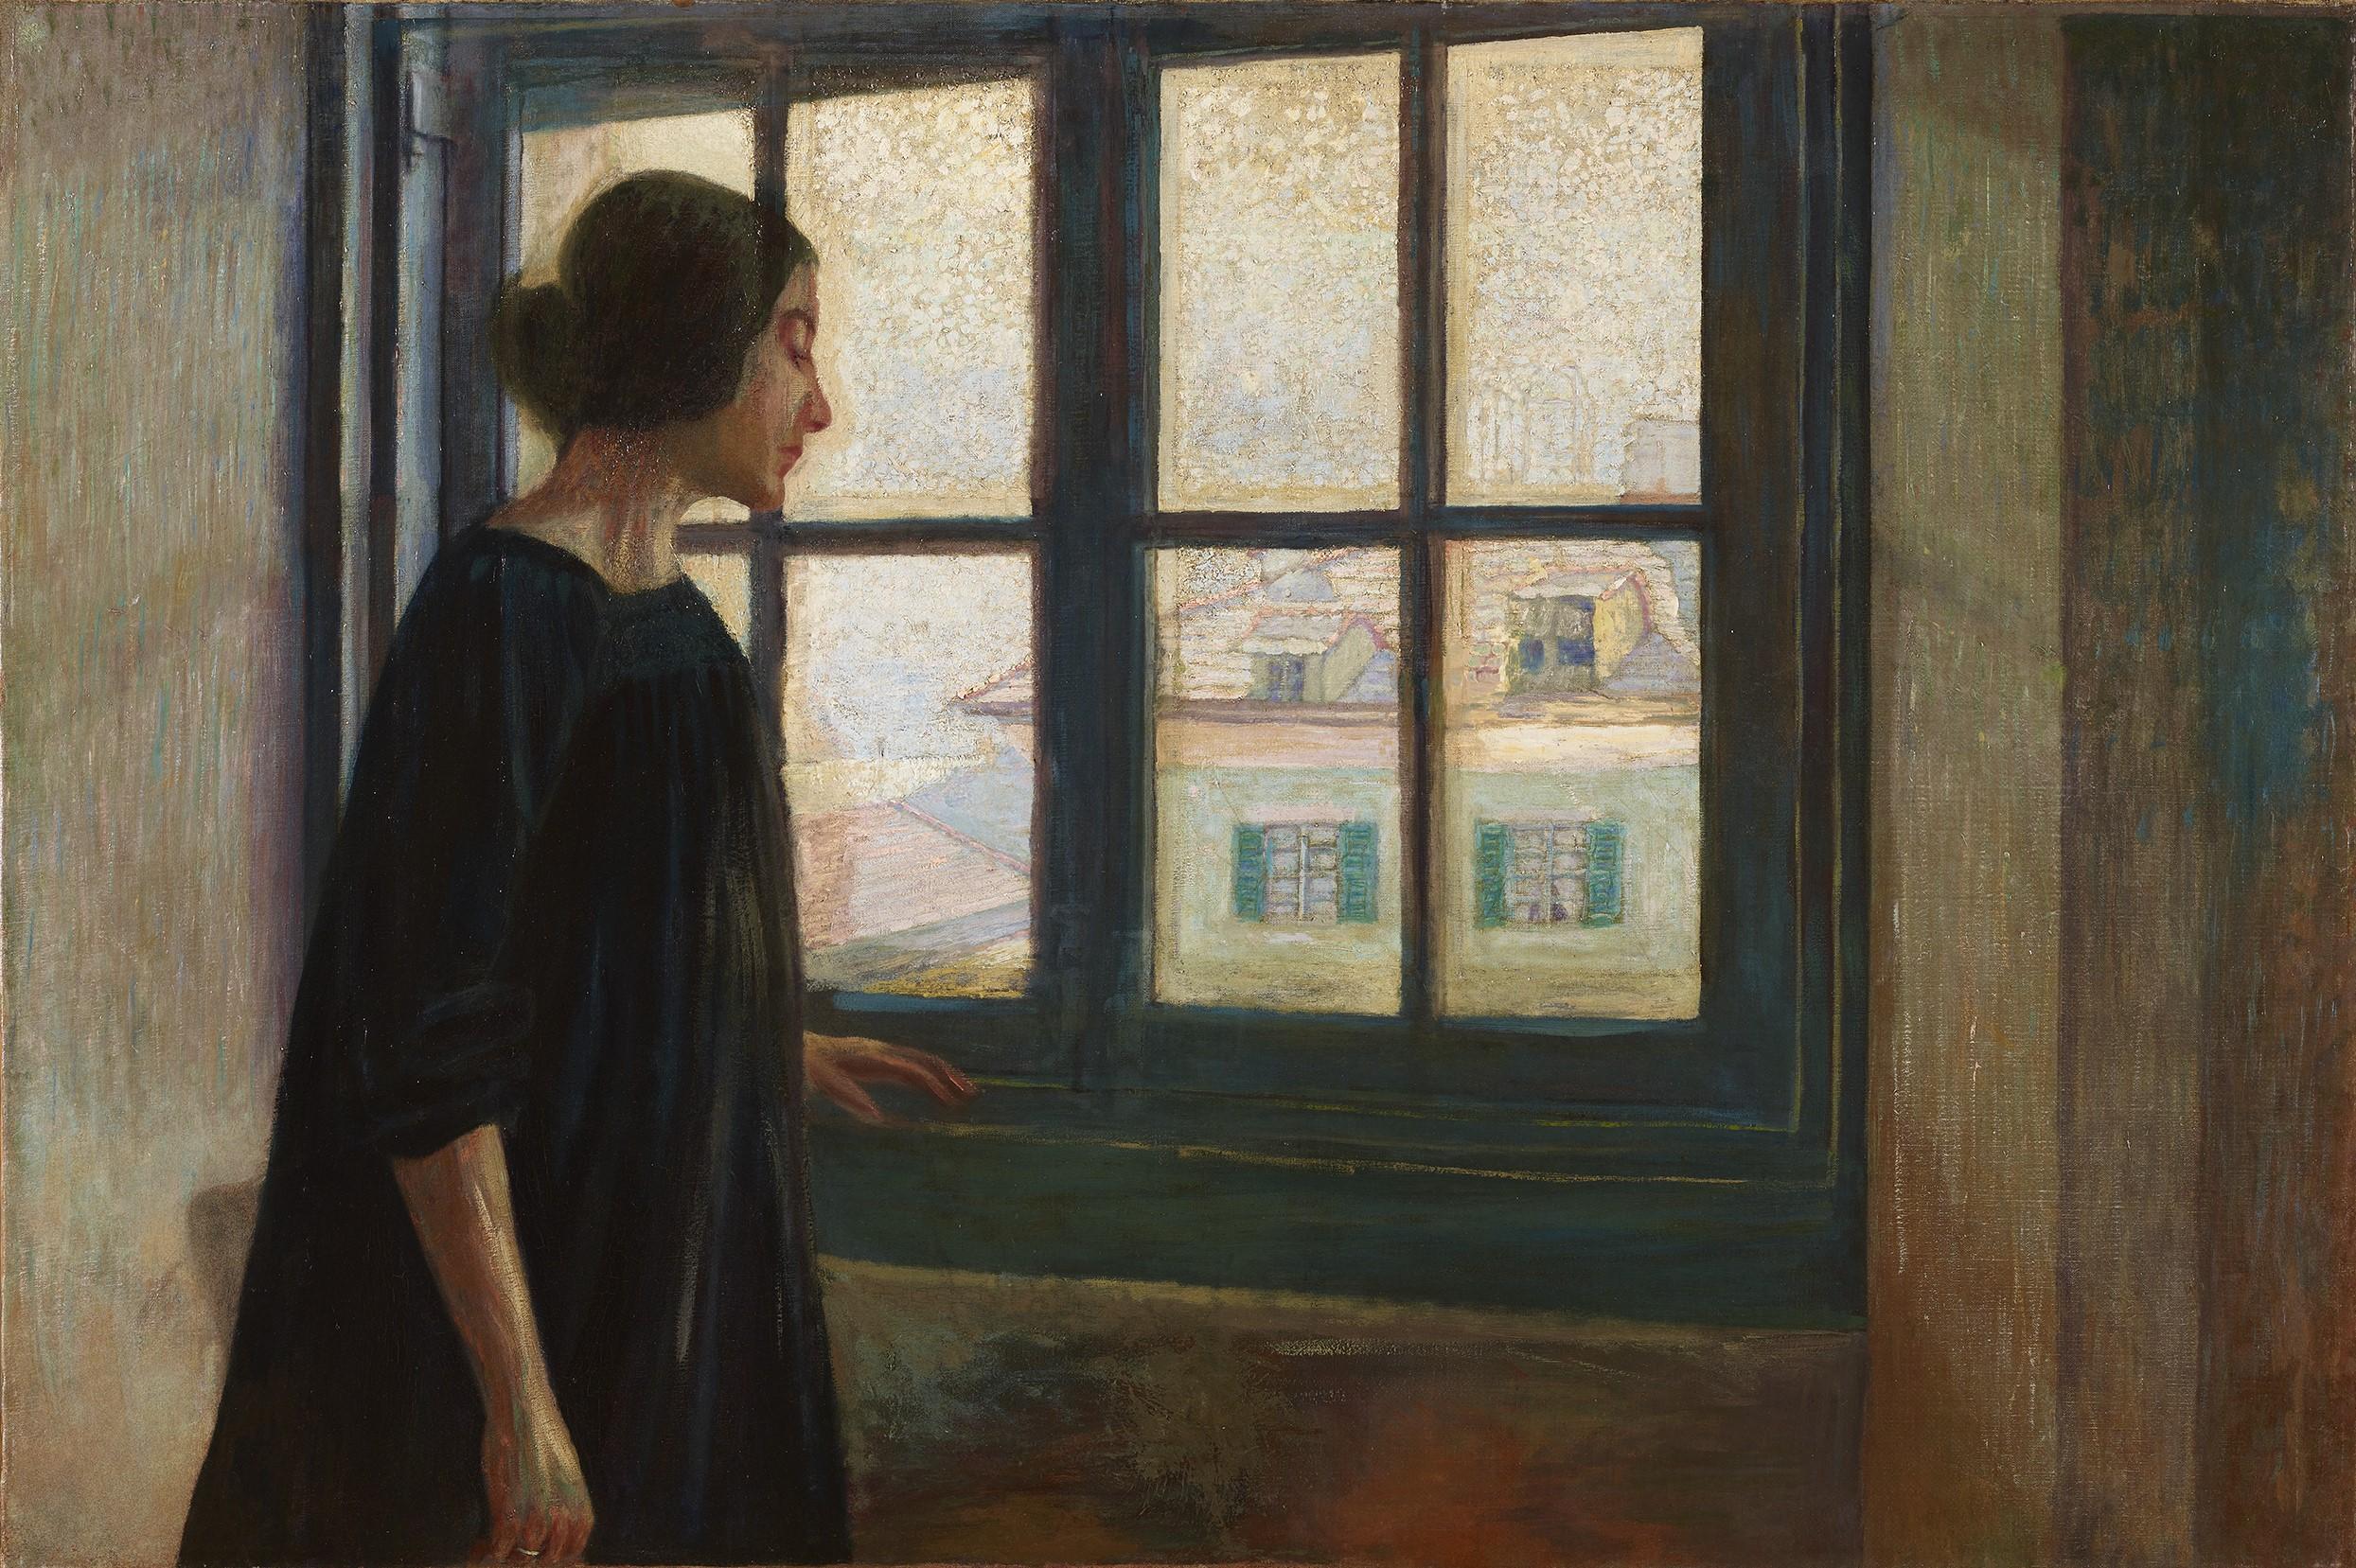 La lunga attesa - Domenico Guerello